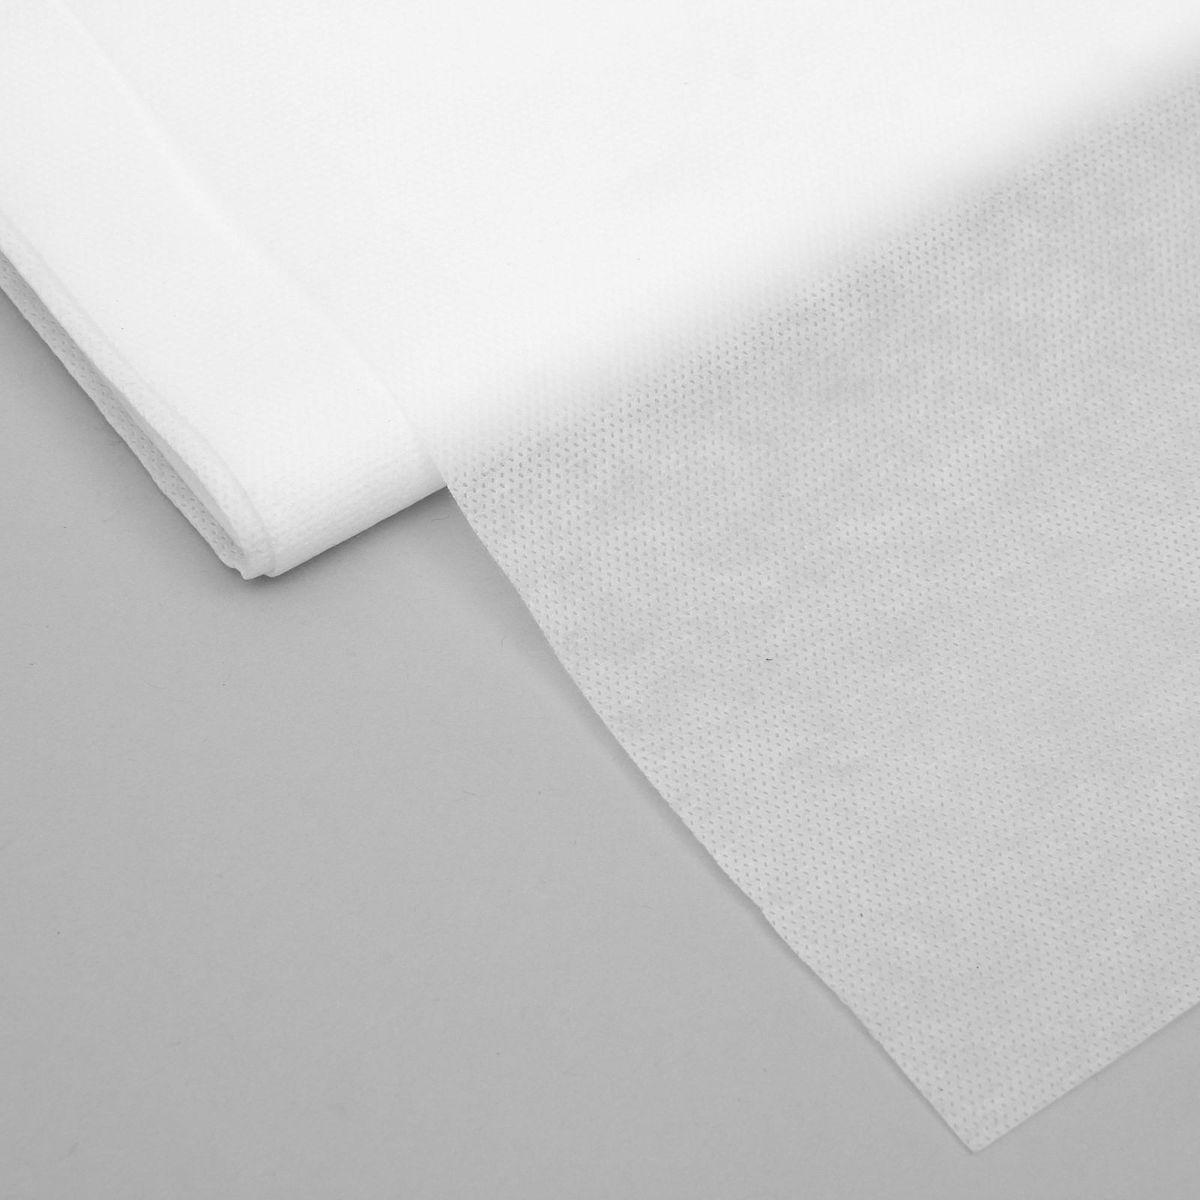 Материал укрывной Агротекс, цвет: белый, 5 х 3,2 м. 20750902075090Многофункциональность, надежность и высокое качество - вот отличительные черты укрывного материала Агротекс. Укрывной материал можно использовать на грядках. Благодаря специально разработанной текстуре он обеспечит надежную защиту даже самых ранних побегов от: -заморозков; -солнечных ожогов; -холодной росы; -дождей; -птиц и грызунов. Материал создает мягкий, комфортный микроклимат, который способствует росту и развитию рассады. Благодаря новейшим разработкам укрывной материал удерживает влагу, и растения реже нуждаются в поливе. Ближе к зиме опытные садоводы укутывают им стволы деревьев, теплицы и грядки, чтобы исключить промерзание земли и корневой системы. Материал Агротекс поможет вам ускорить процесс созревания растений, повысит урожайность, сэкономит средства и силы по уходу за садом.Плотность: 30 г/м2.